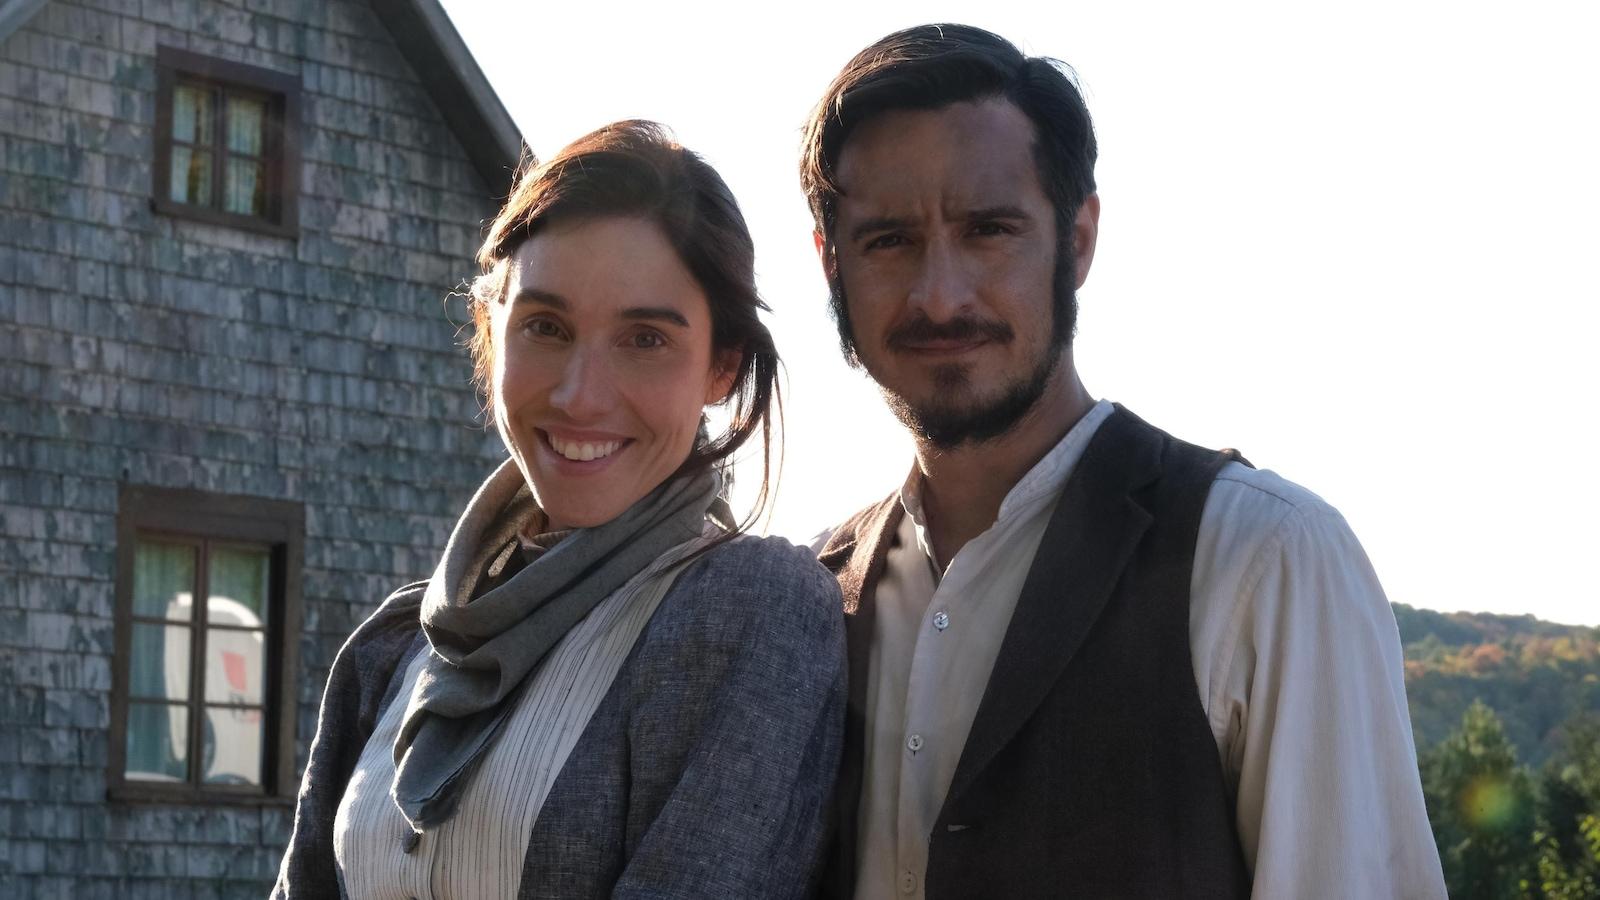 Le duo est dans un décor d'antan, en campagne.